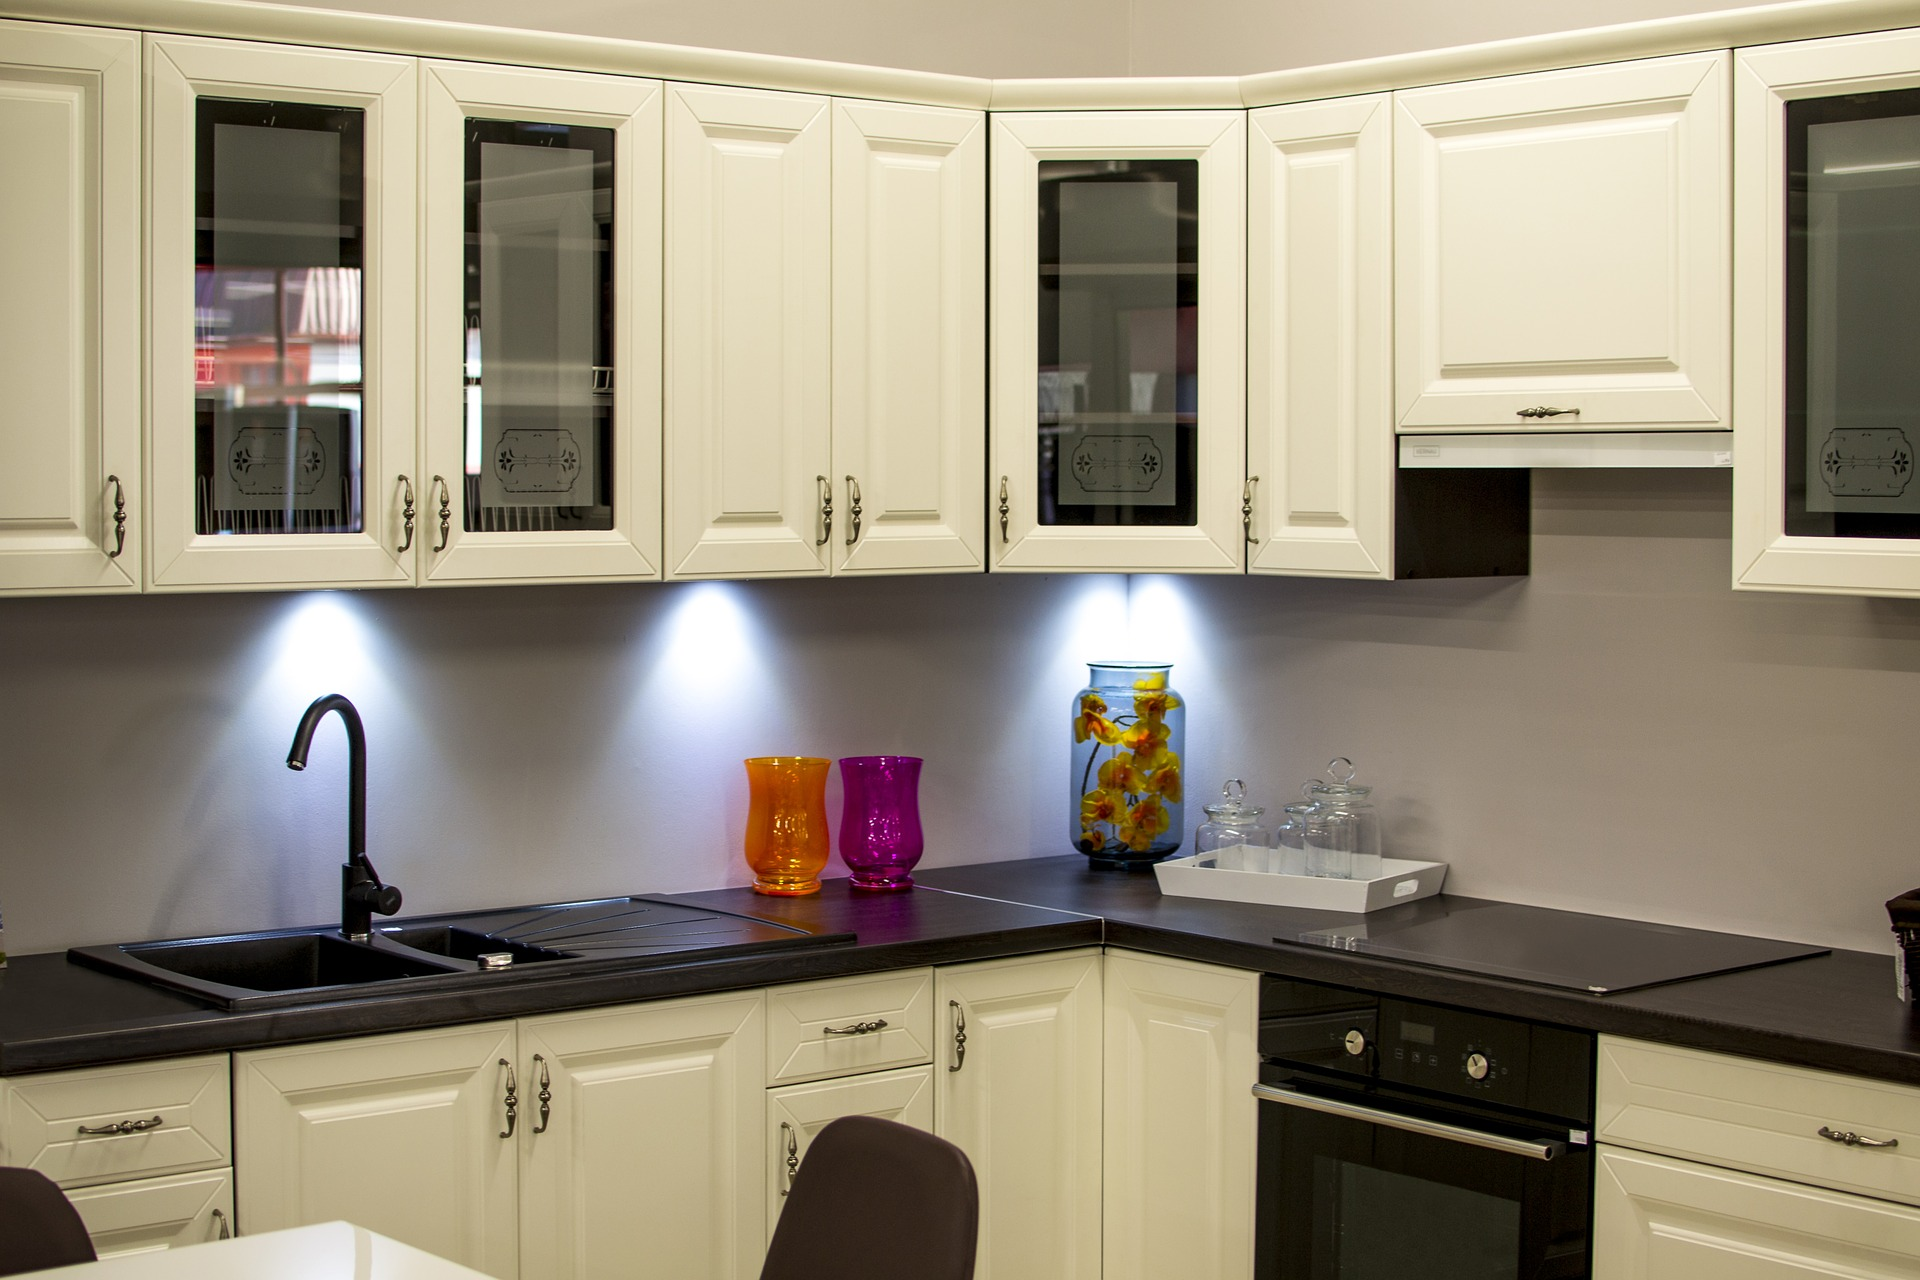 wasserbett kaufen beachten sie diese f nf punkte wohnen. Black Bedroom Furniture Sets. Home Design Ideas